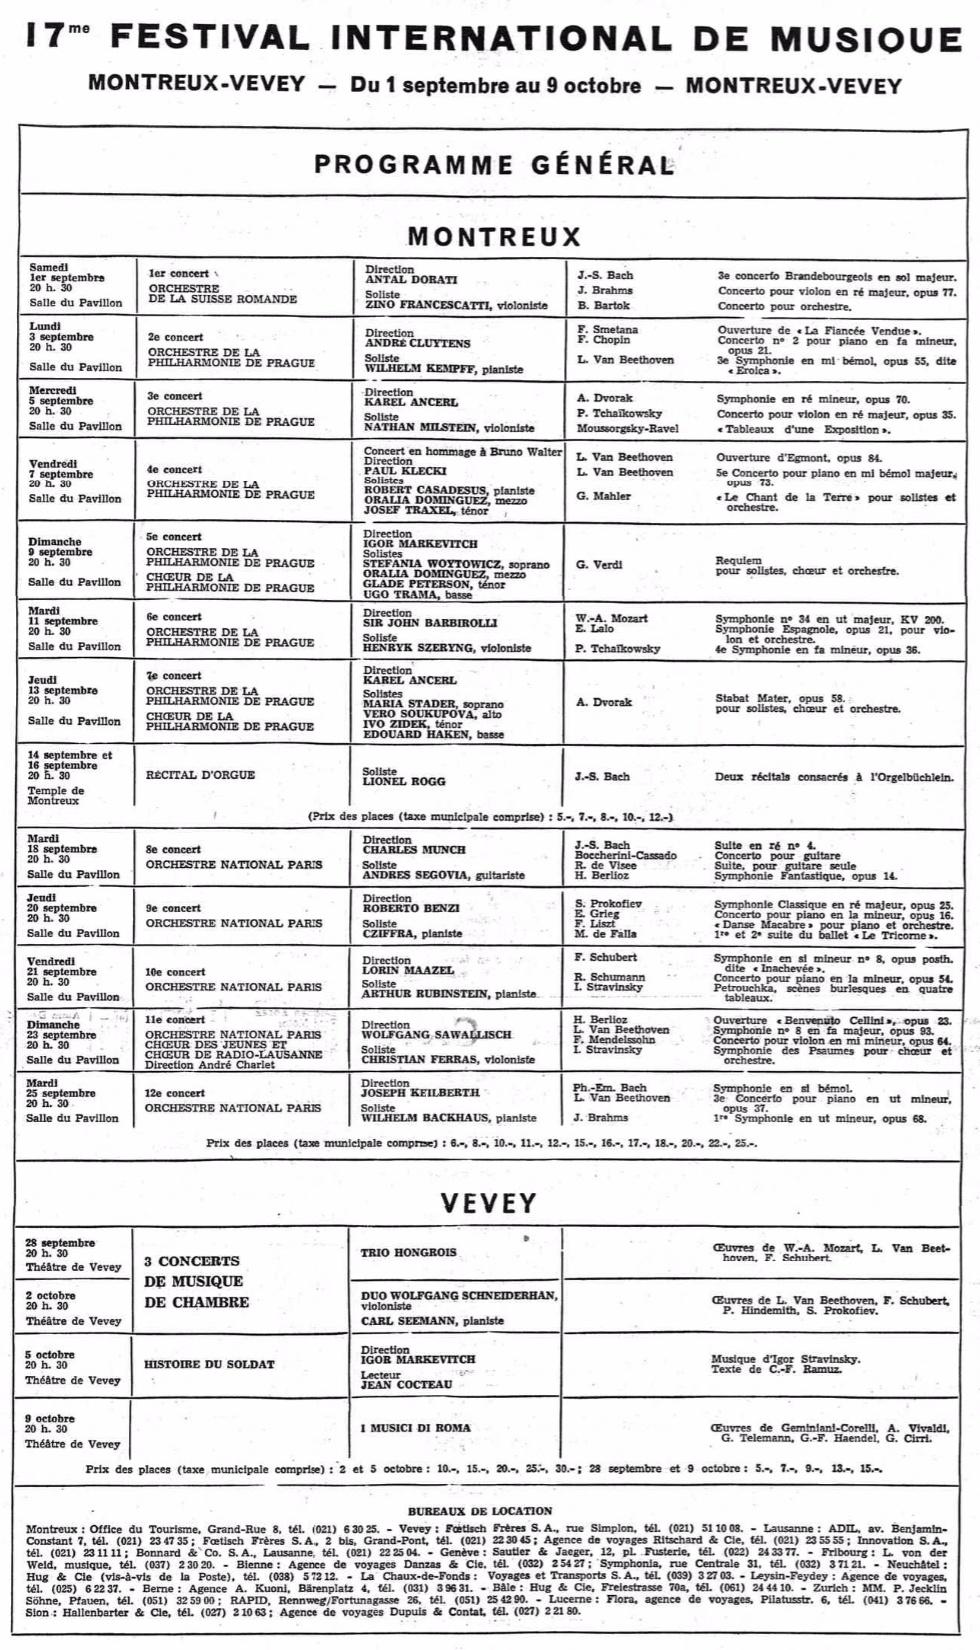 Montreux Programme 1962